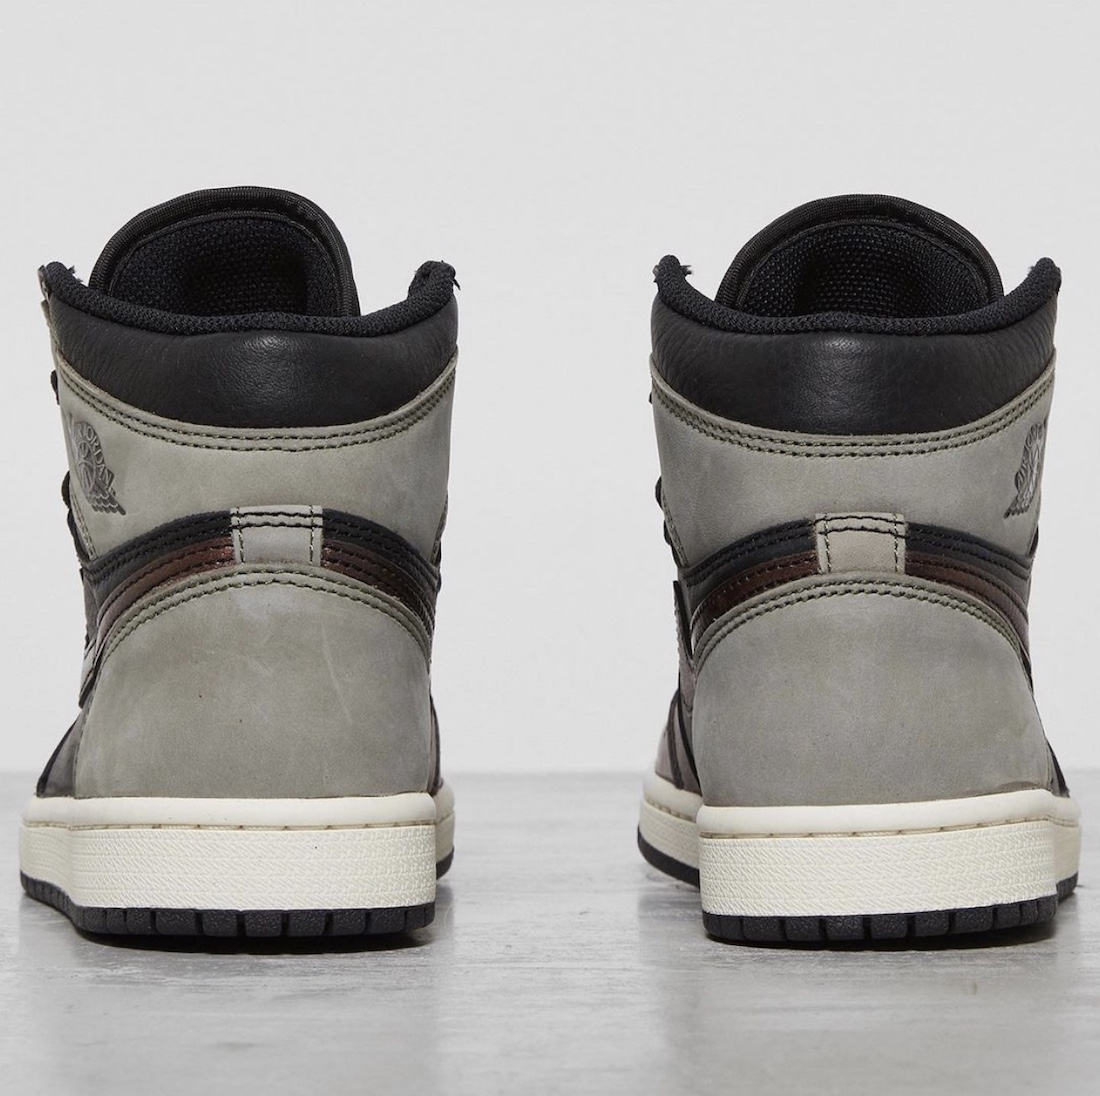 Air Jordan 1 High OG Patina 555088-033 Release Info Price